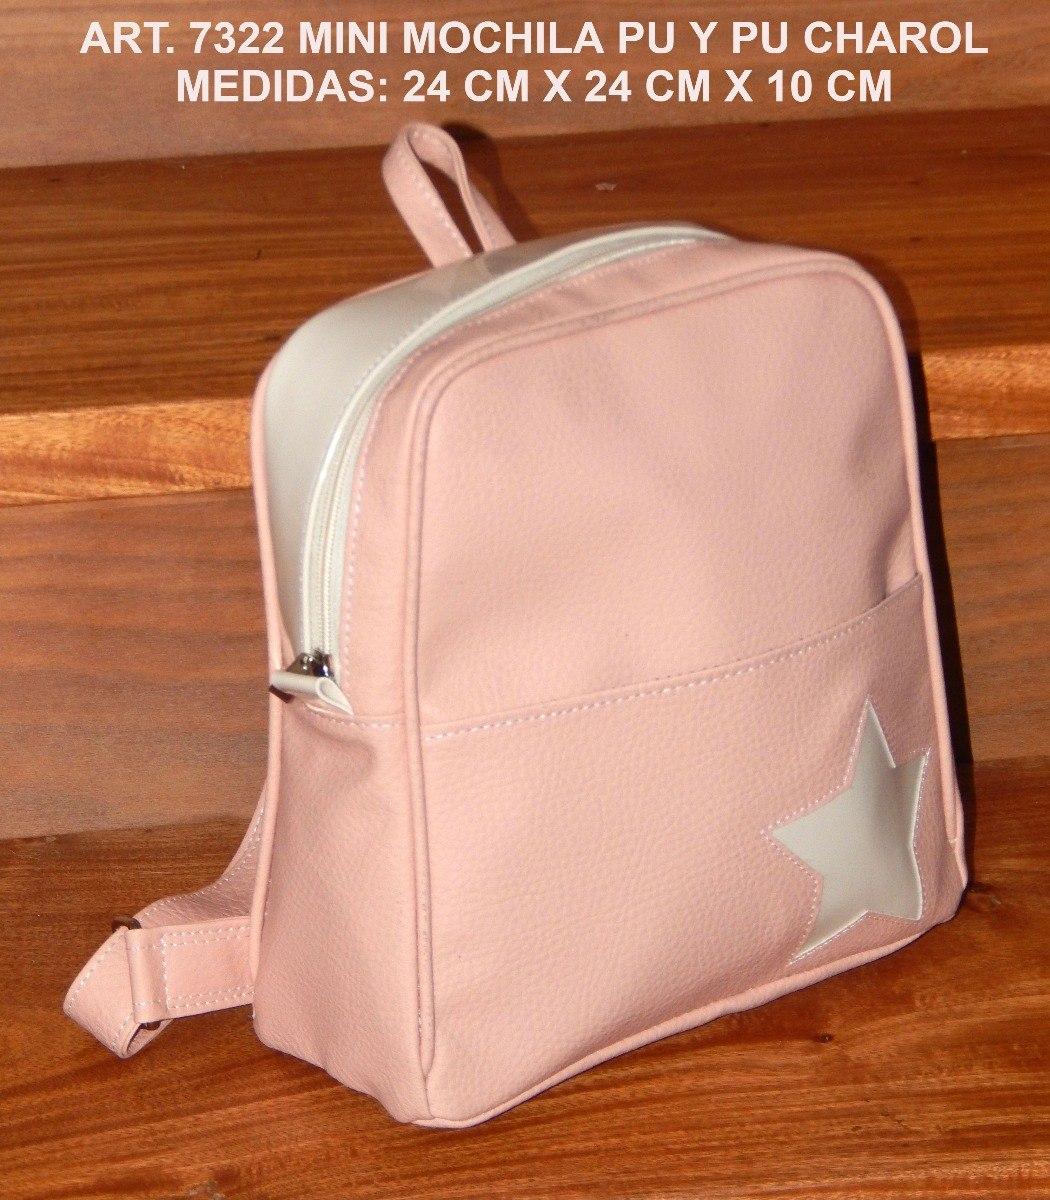 f091682e5 Lote X 10 Mochilas Simil Cuero Por Mayor - $ 4.399,00 en Mercado Libre